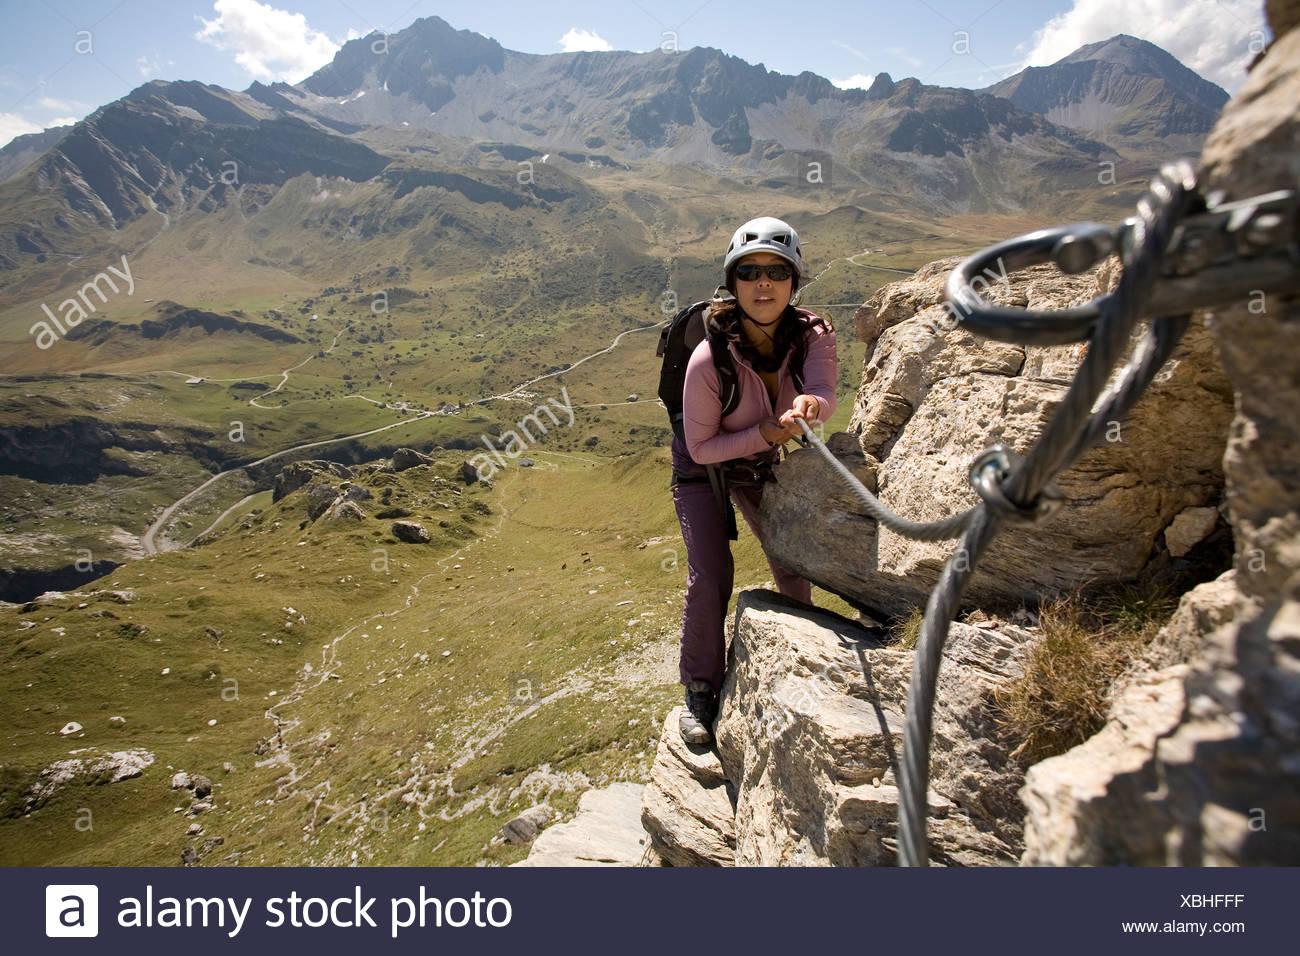 Une jeune femme utilise le câble vissé sur le rocher d'escalade pour soutenir tout en s'engageant dans le sport de la Via ferrata dans le Français une Photo Stock